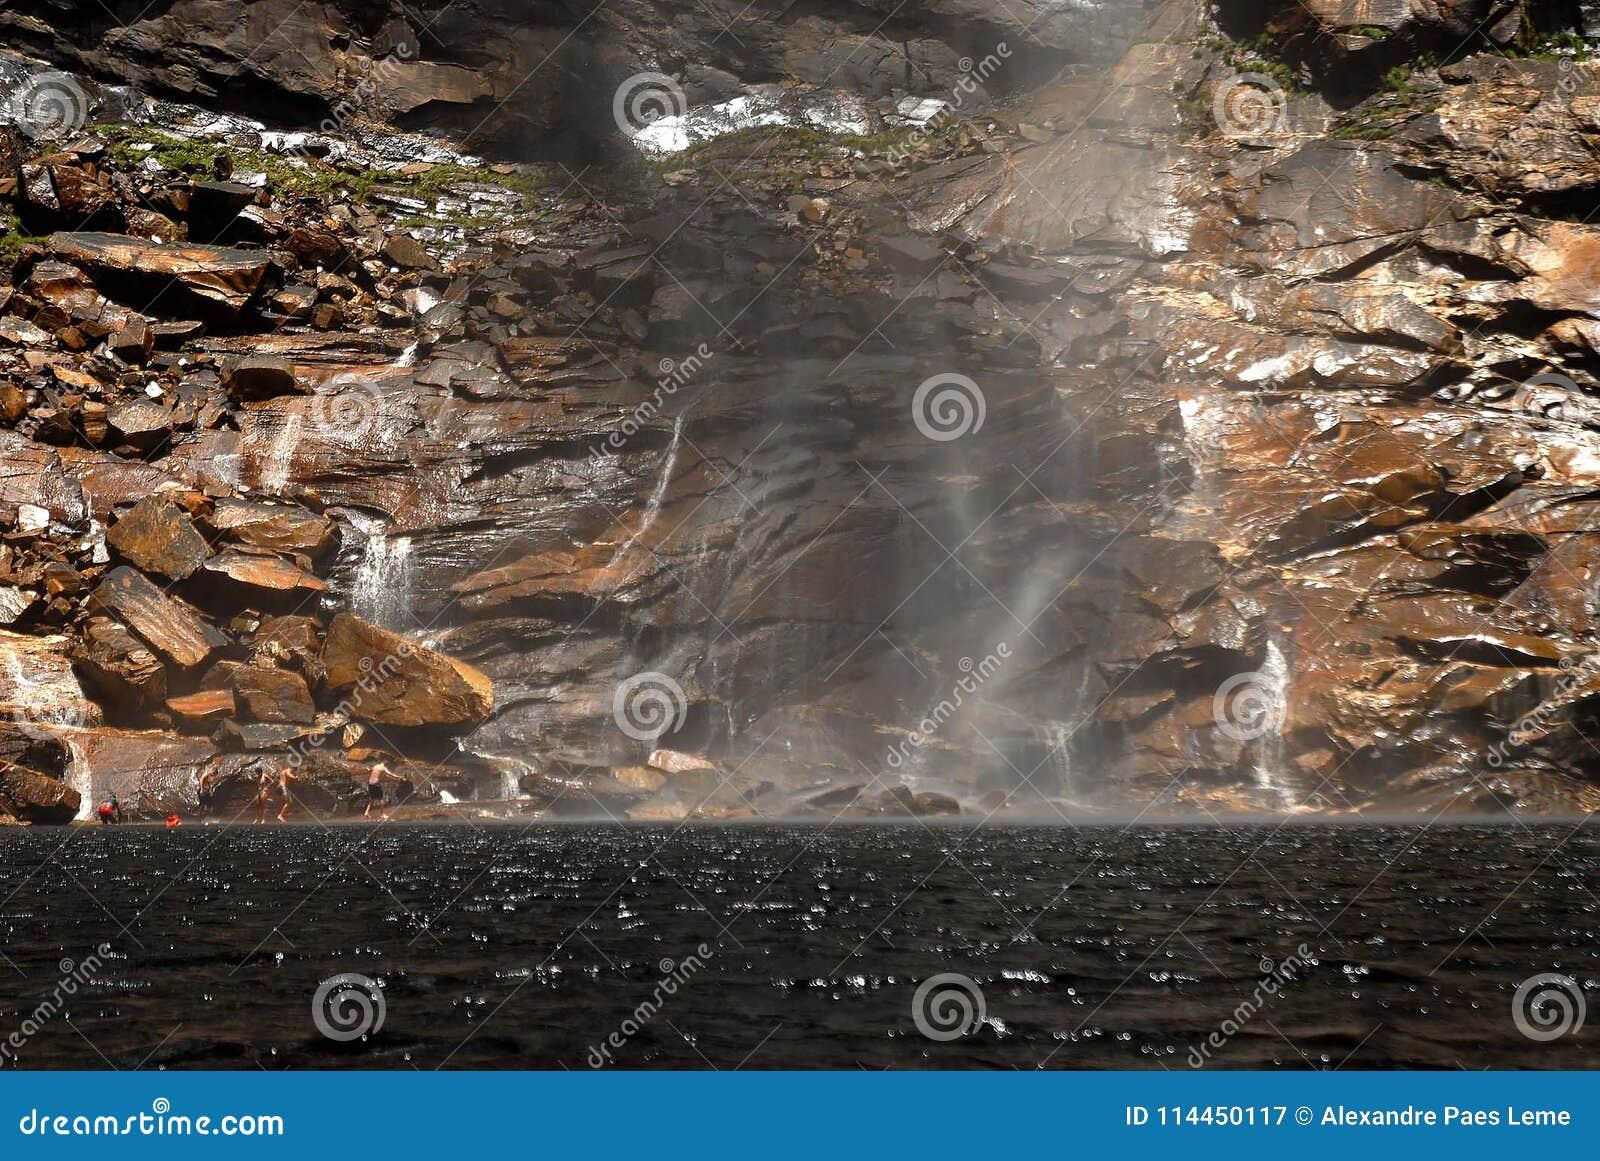 Cascade de Tabuleiro